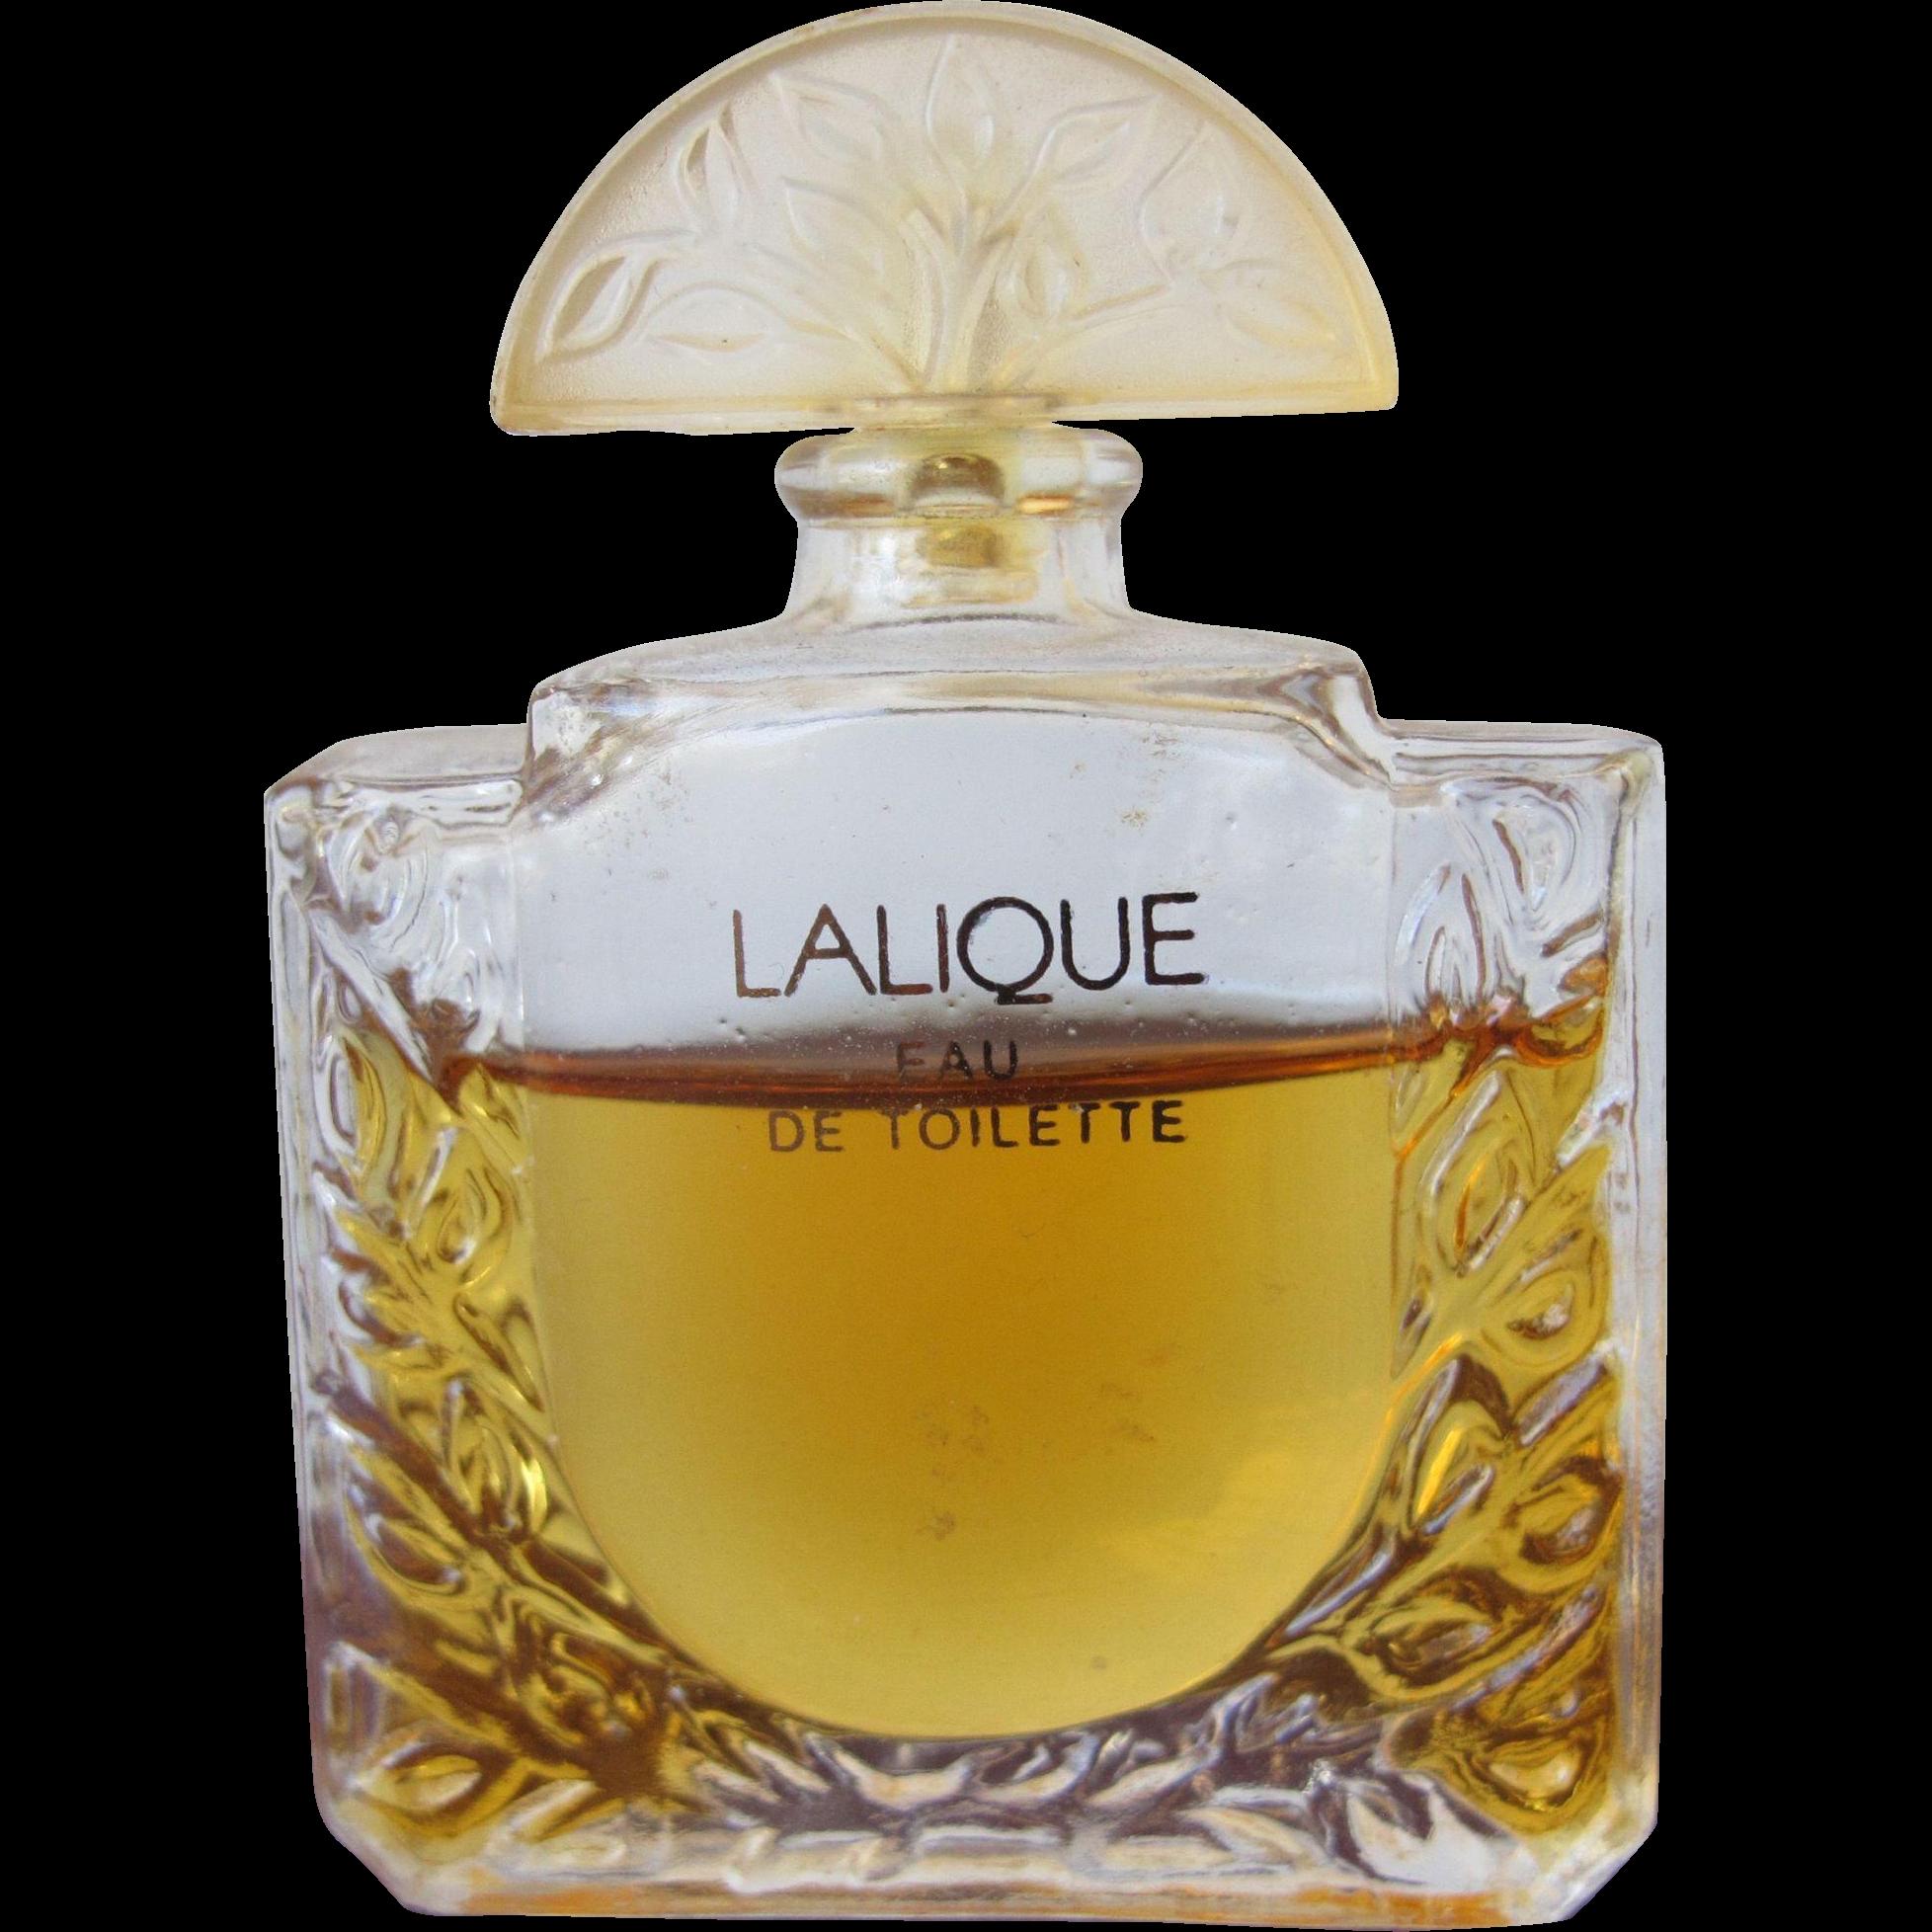 Lalique Mini Perfume Bottle Lalique Eau de Toilette Paris France